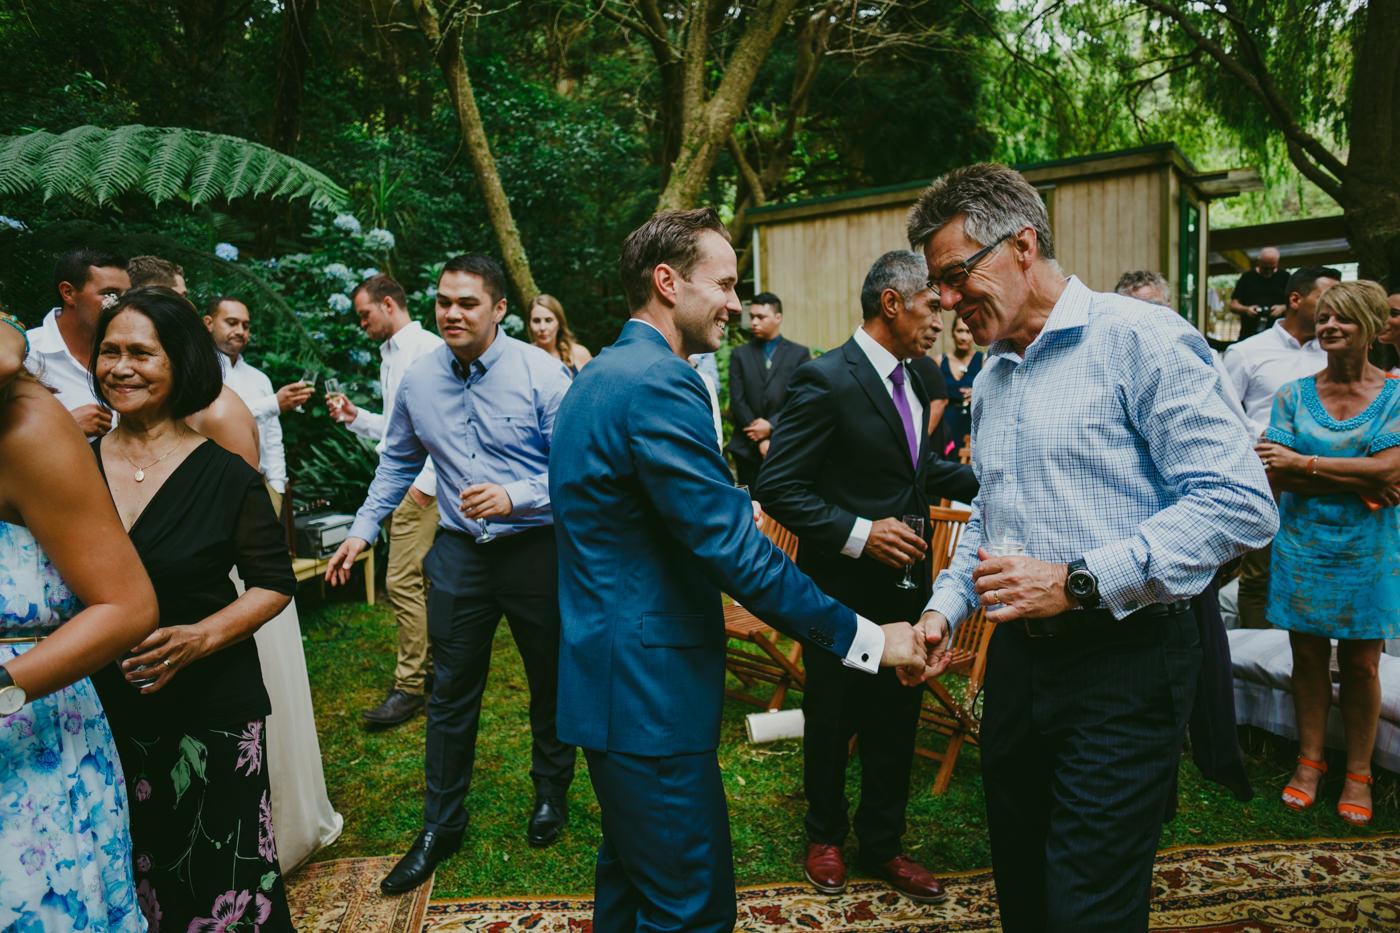 048z_auckland_leigh_wedding_photos.jpg